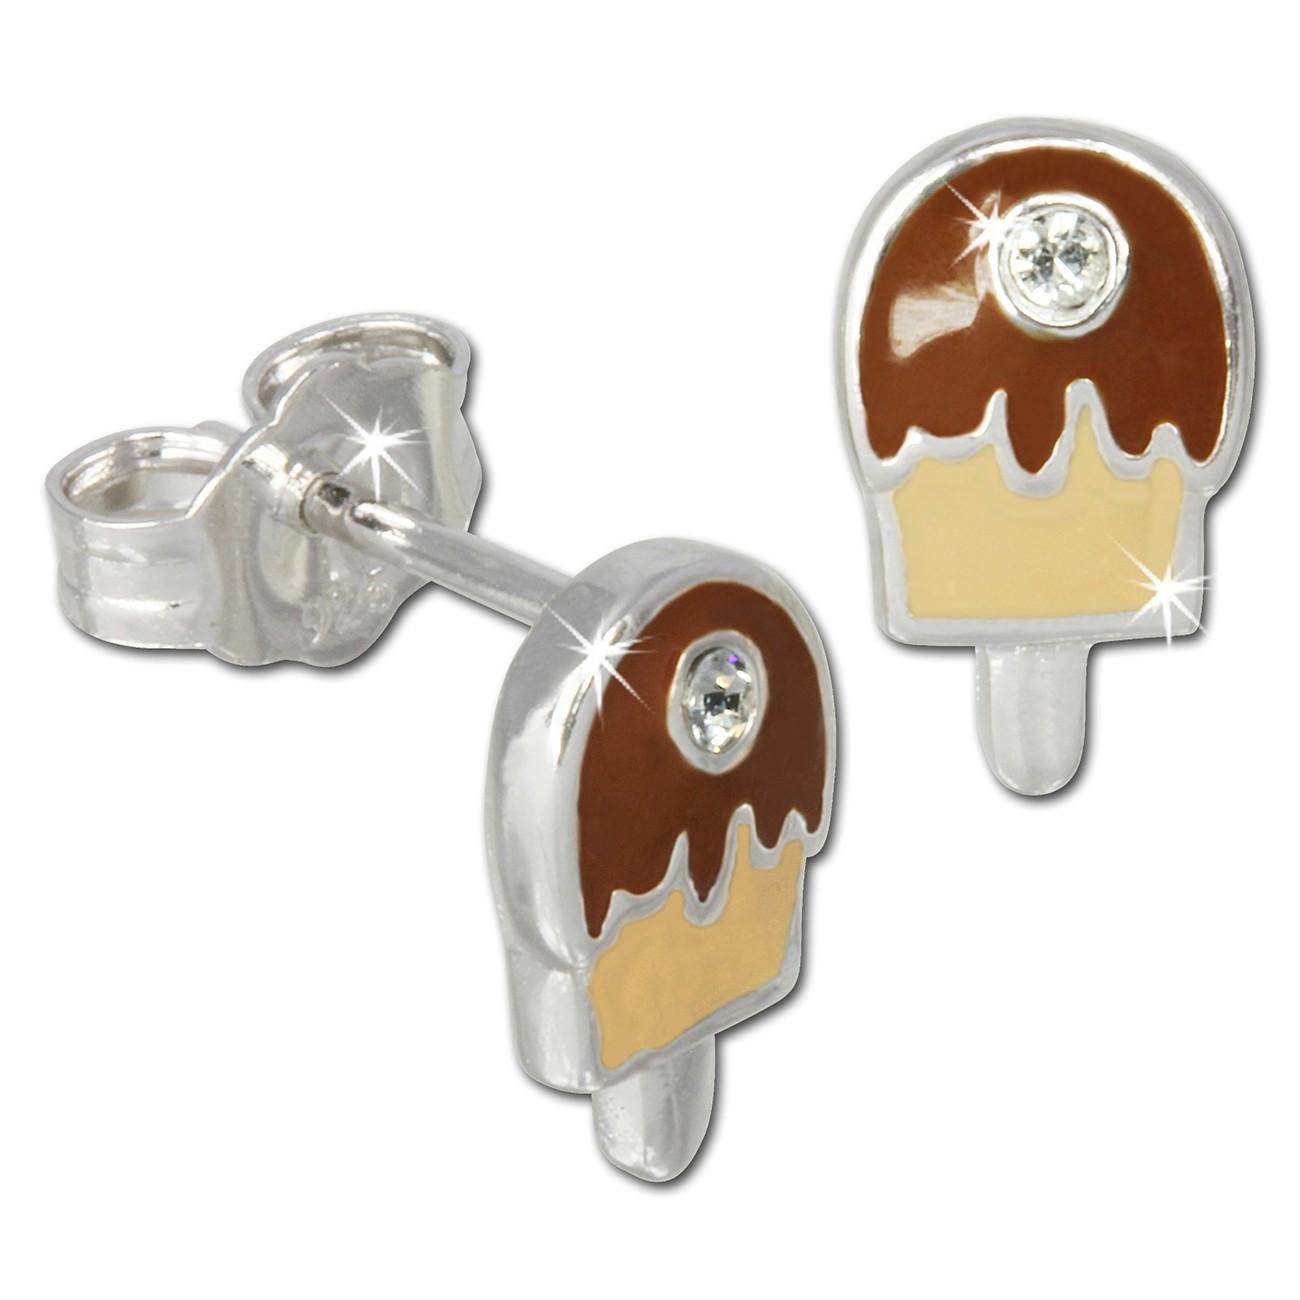 Kinder Ohrring Eis am Stiel Silber Ohrstecker Kinderschmuck TW SDO600N